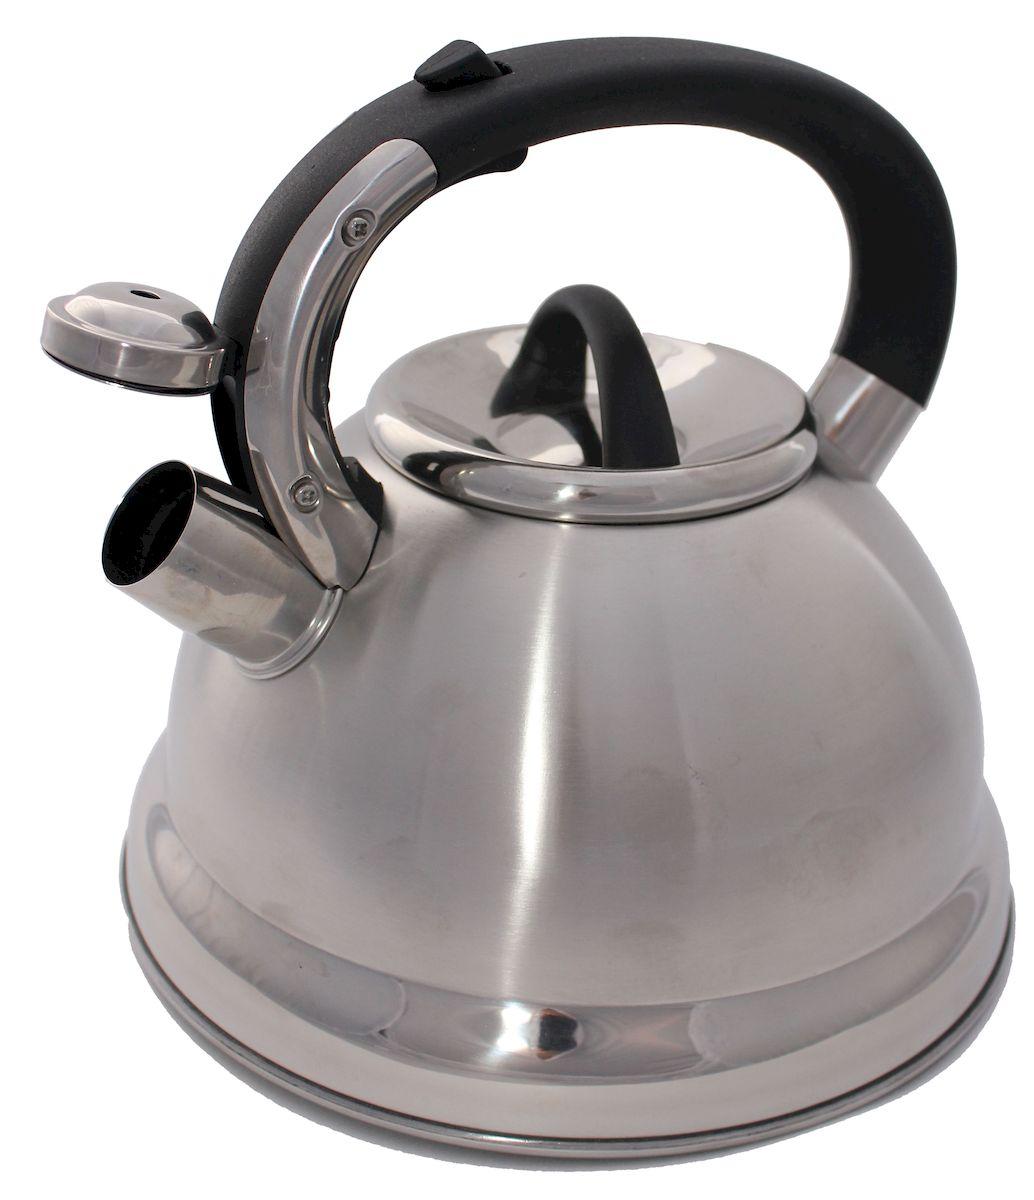 Чайник Hoffmann, со свистком, цвет: стальной, черный, 4,8 лHM 5548Чайник Hoffmann выполнен из высококачественной нержавеющей стали, что делает его весьма гигиеничным и устойчивым к износу при длительном использовании. Носик чайника оснащен насадкой-свистком, что позволит вам контролировать процесс подогрева или кипячения воды. Фиксированная ручка, изготовленная из бакелита, оснащена механизмом открывания носика. Эстетичный и функциональный чайник будет оригинально смотреться в любом интерьере.Подходит для всех типов плит, включая индукционные. Можно мыть в посудомоечной машине.